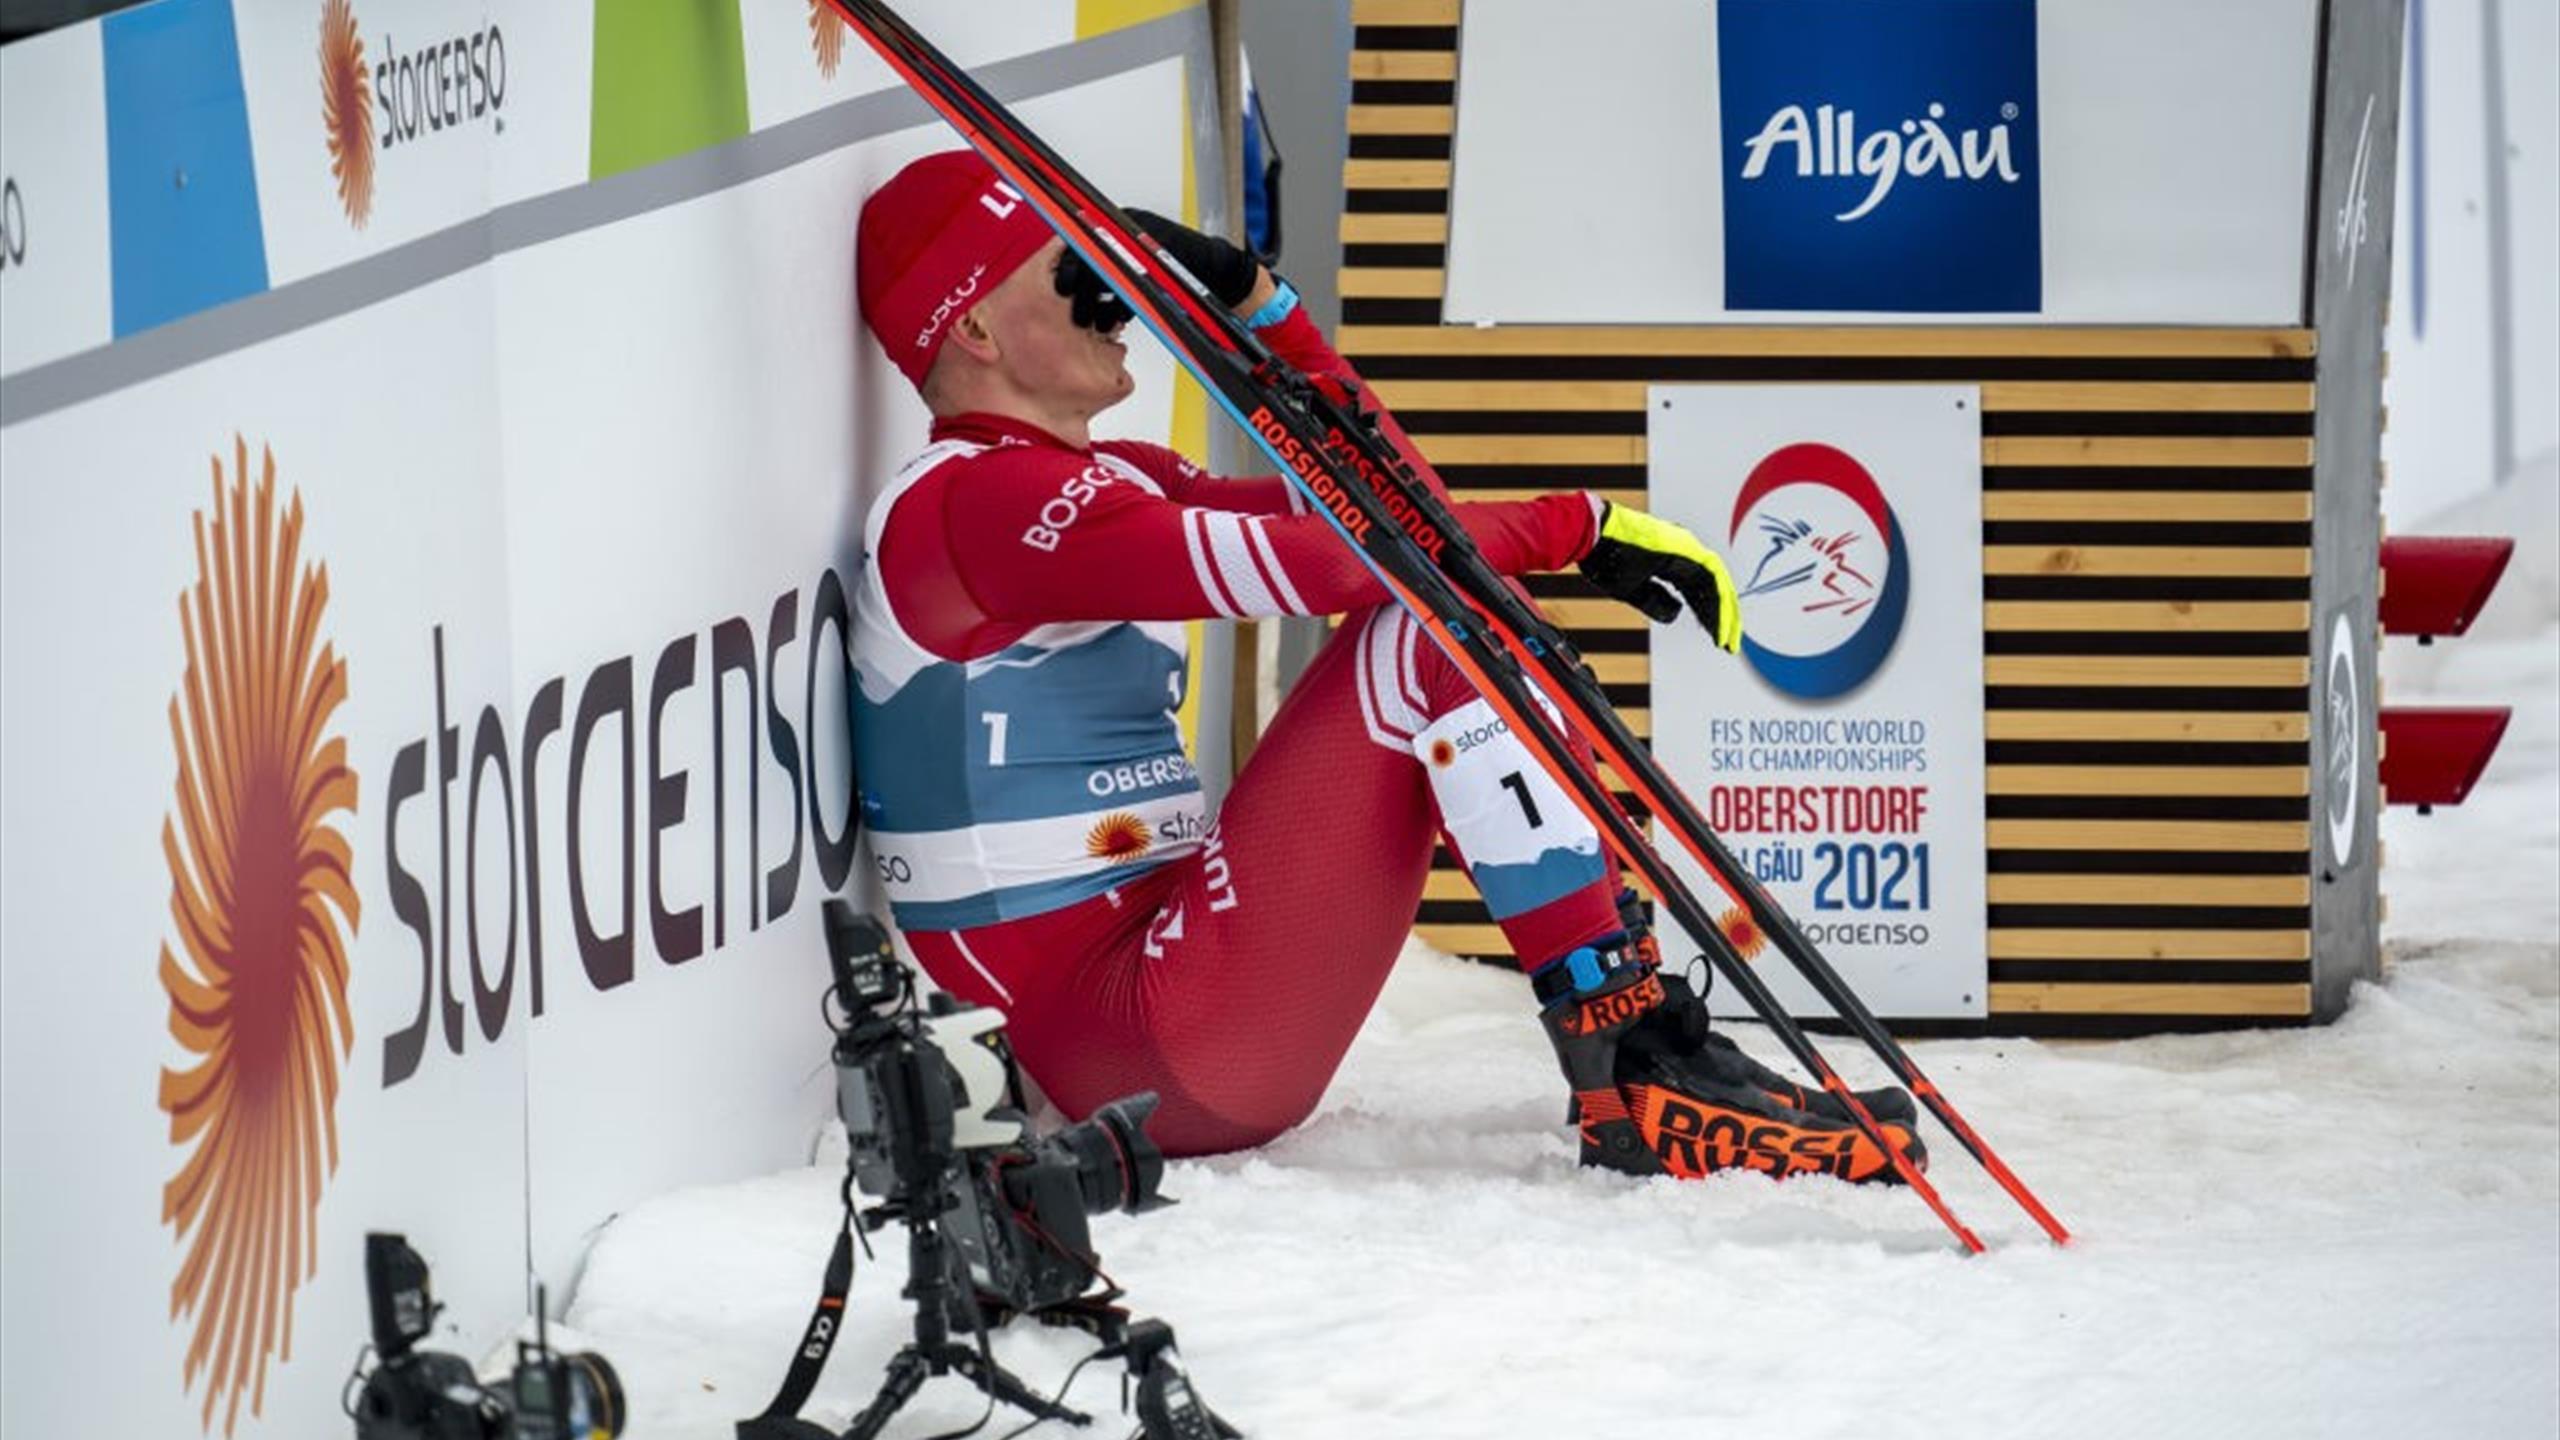 WM Oberstdorf: Alexander Bolschunow erklärt seine Tränen nach Drama im Sprint - Putin spendet Trost - Eurosport DE